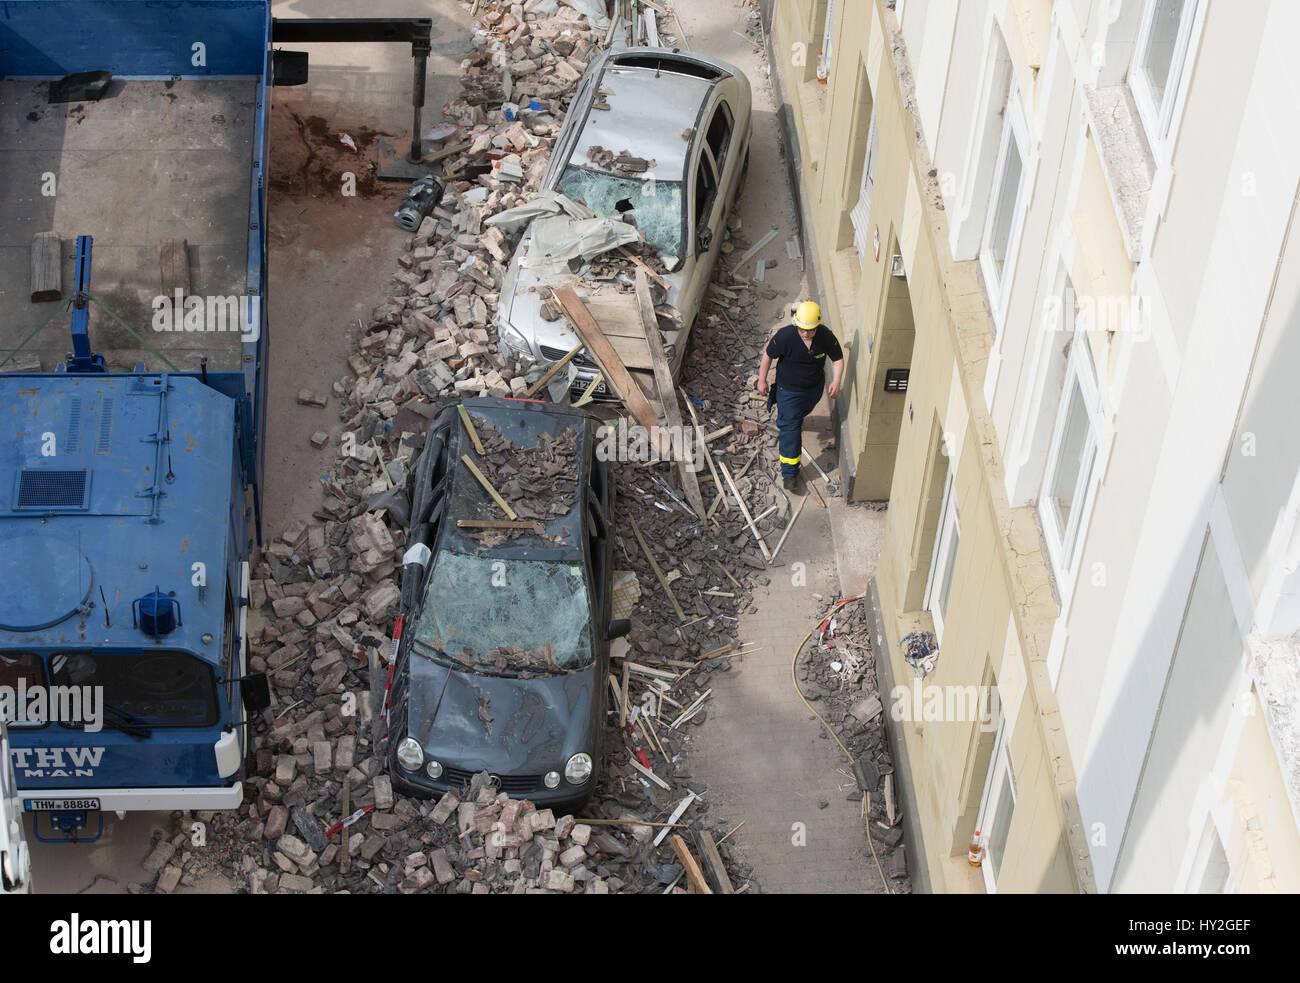 Dortmund, Alemania. 1 abr, 2017. Dañado coches puede ser visto delante de un edificio de apartamentos que fue destruido por una explosión el día anterior en Dortmund, Alemania, el 1 de abril de 2017. Una persona murió en la explosión en el edificio. Las fuerzas de rescate encontraron el cadáver de una mujer de 36 años de edad residente en femenino en la mañana del sábado. Un 48-año-viejo inquilino es sospechoso de haber causado la explosión por razones desconocidas. Foto: Bernd Thyssen/dpa/Alamy Live News Foto de stock